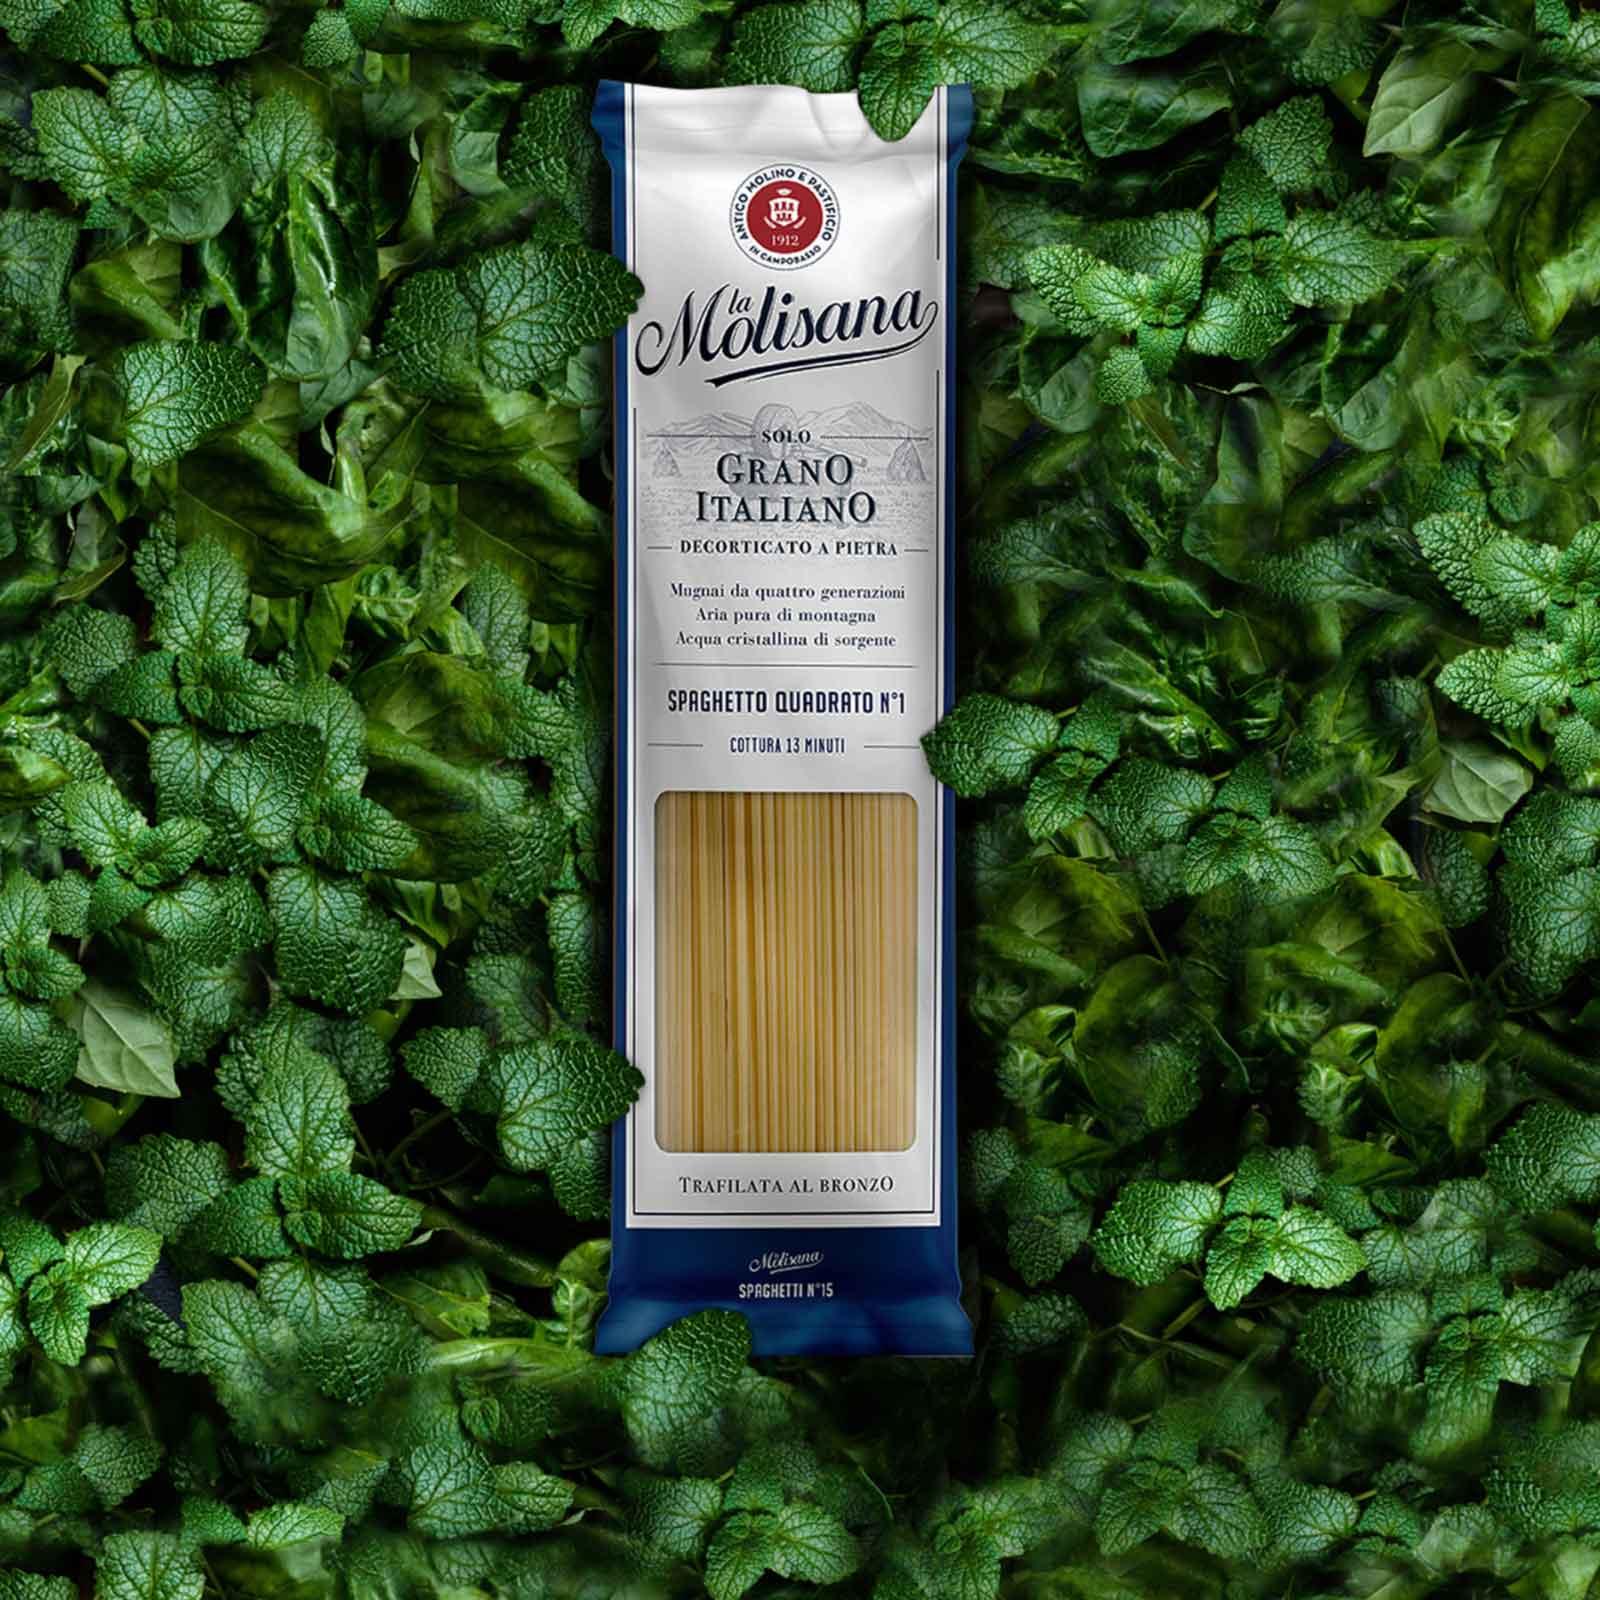 Dispenser - Packaging - Nuovo pack pasta lunga Le Classiche La Molisana